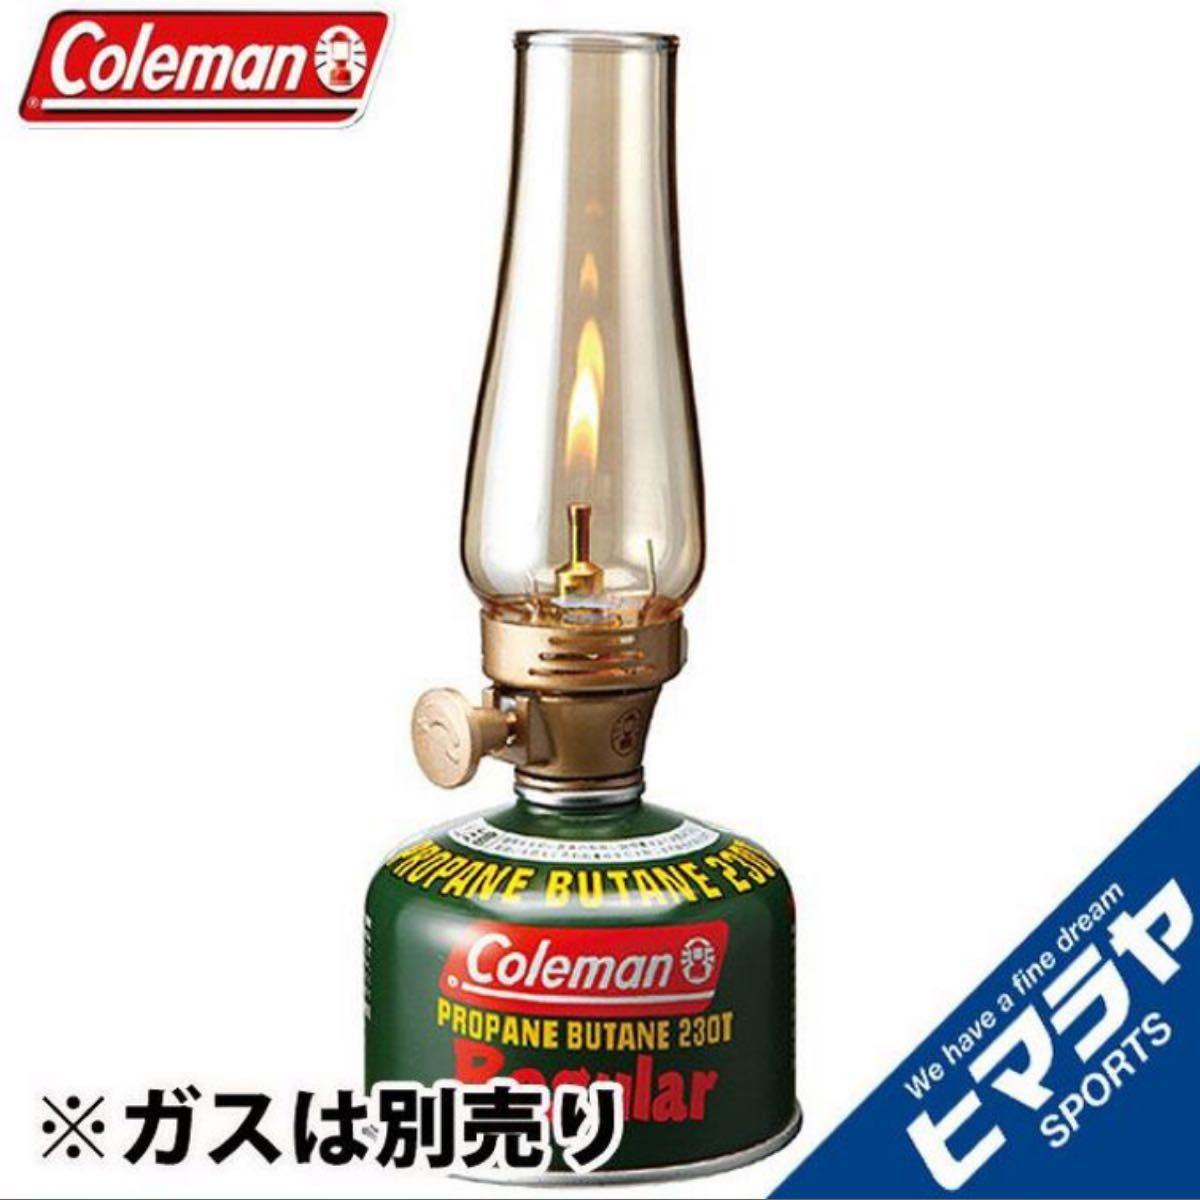 コールマン ランタン ガスランタン ルミエールランタン 205588 Coleman